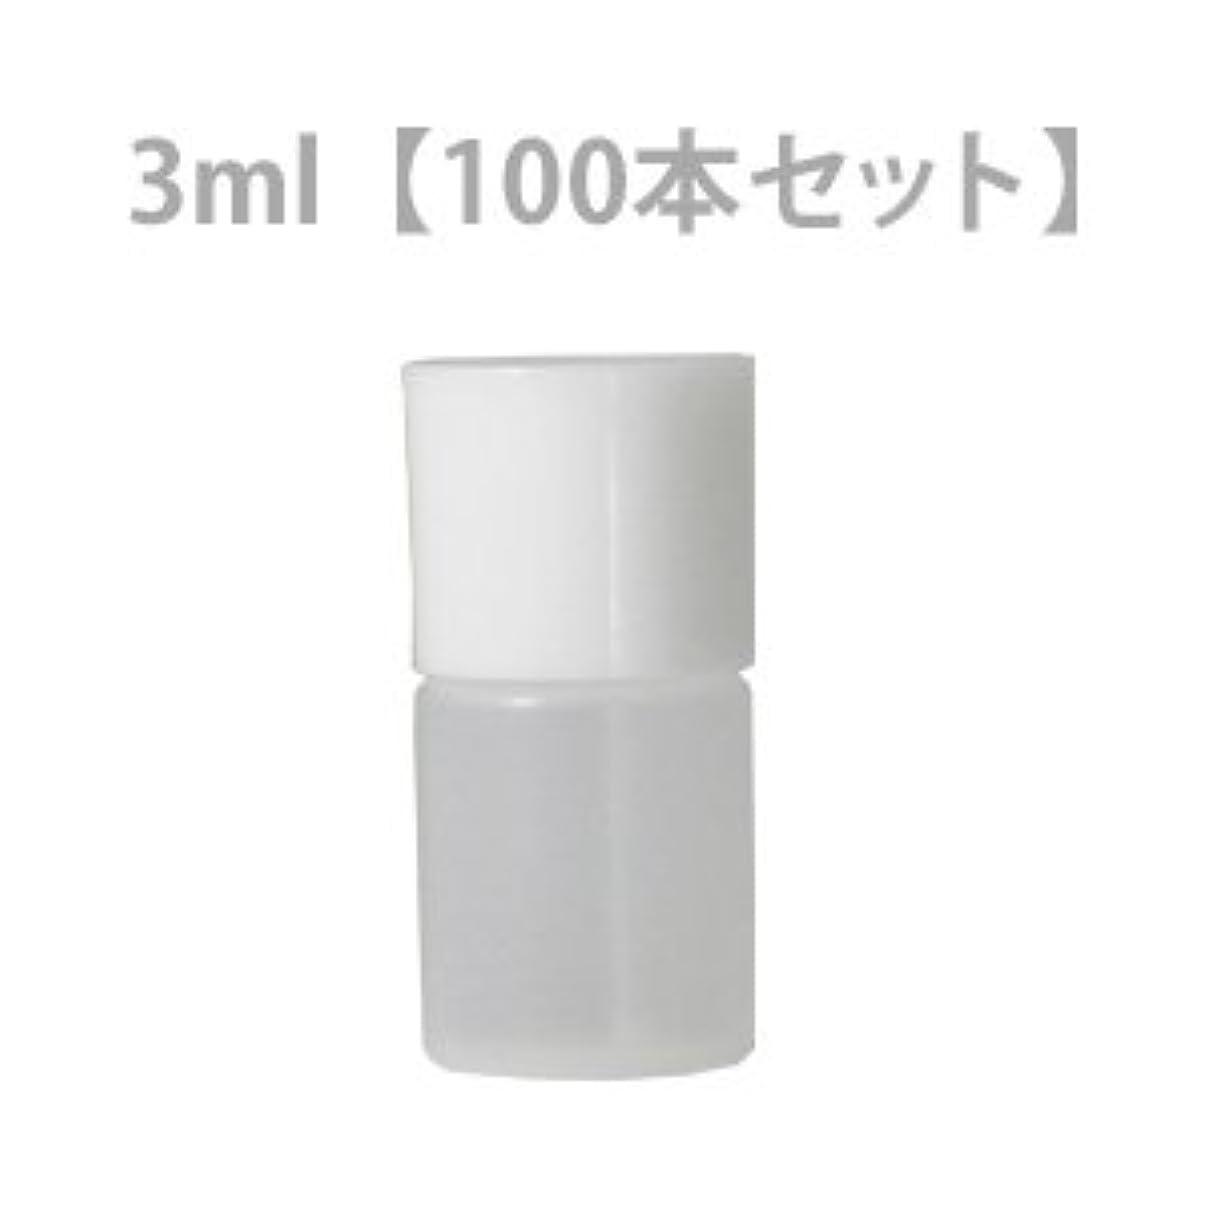 気づくなる残酷な慈悲深い穴あき中栓付きミニボトル3ml 100本セット 【化粧品容器】